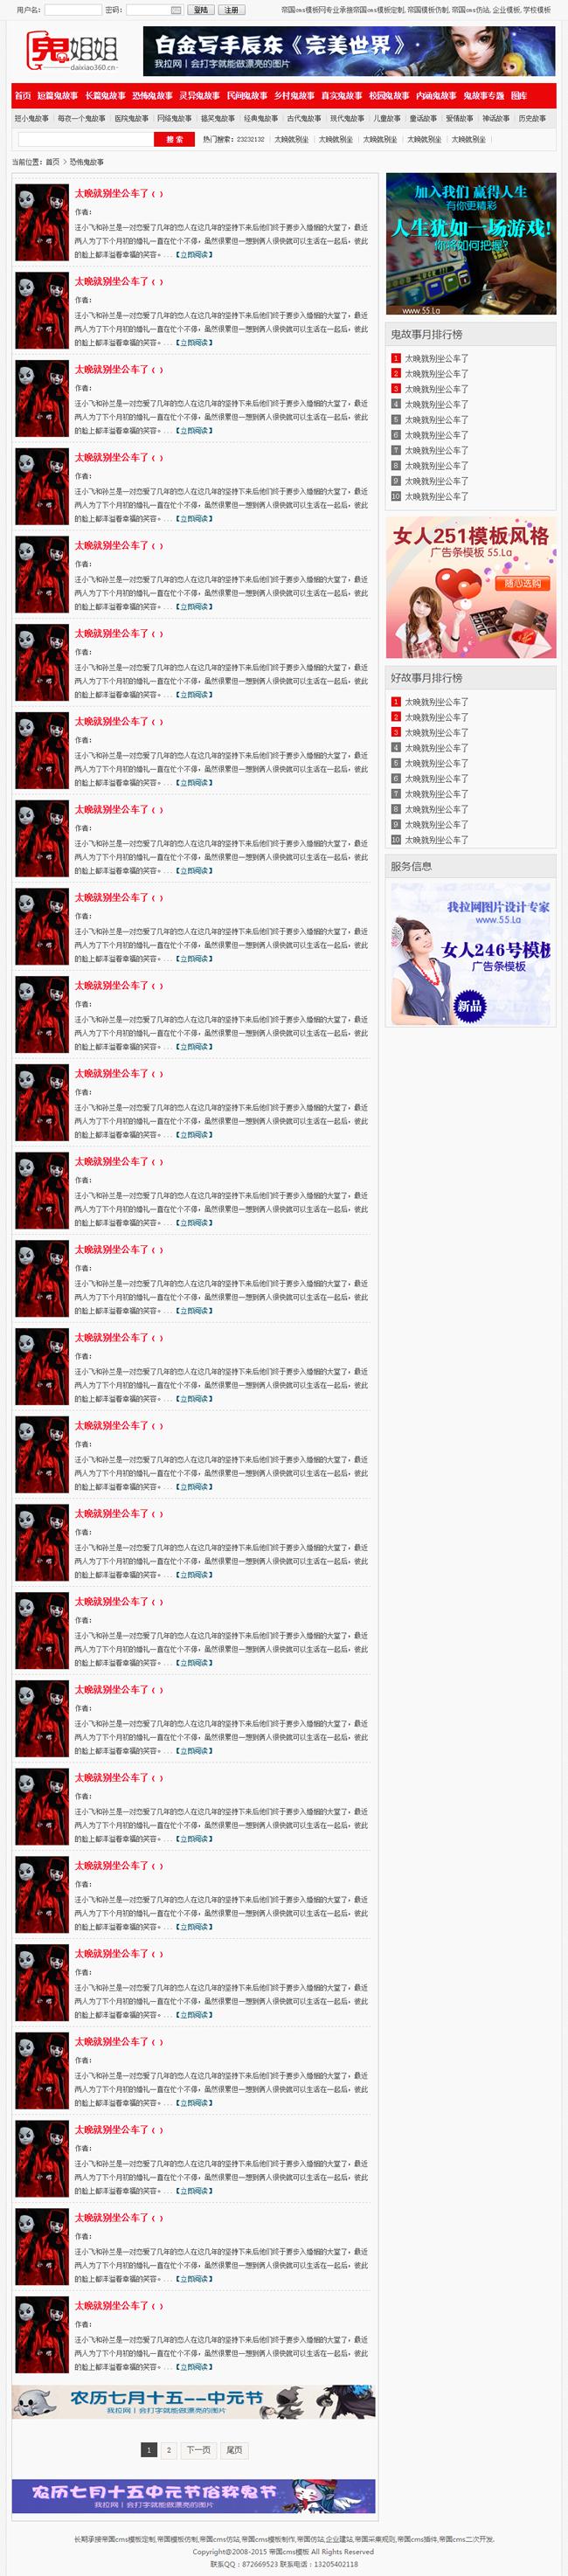 帝国模板鬼故事模板新闻图片模板_图文列表